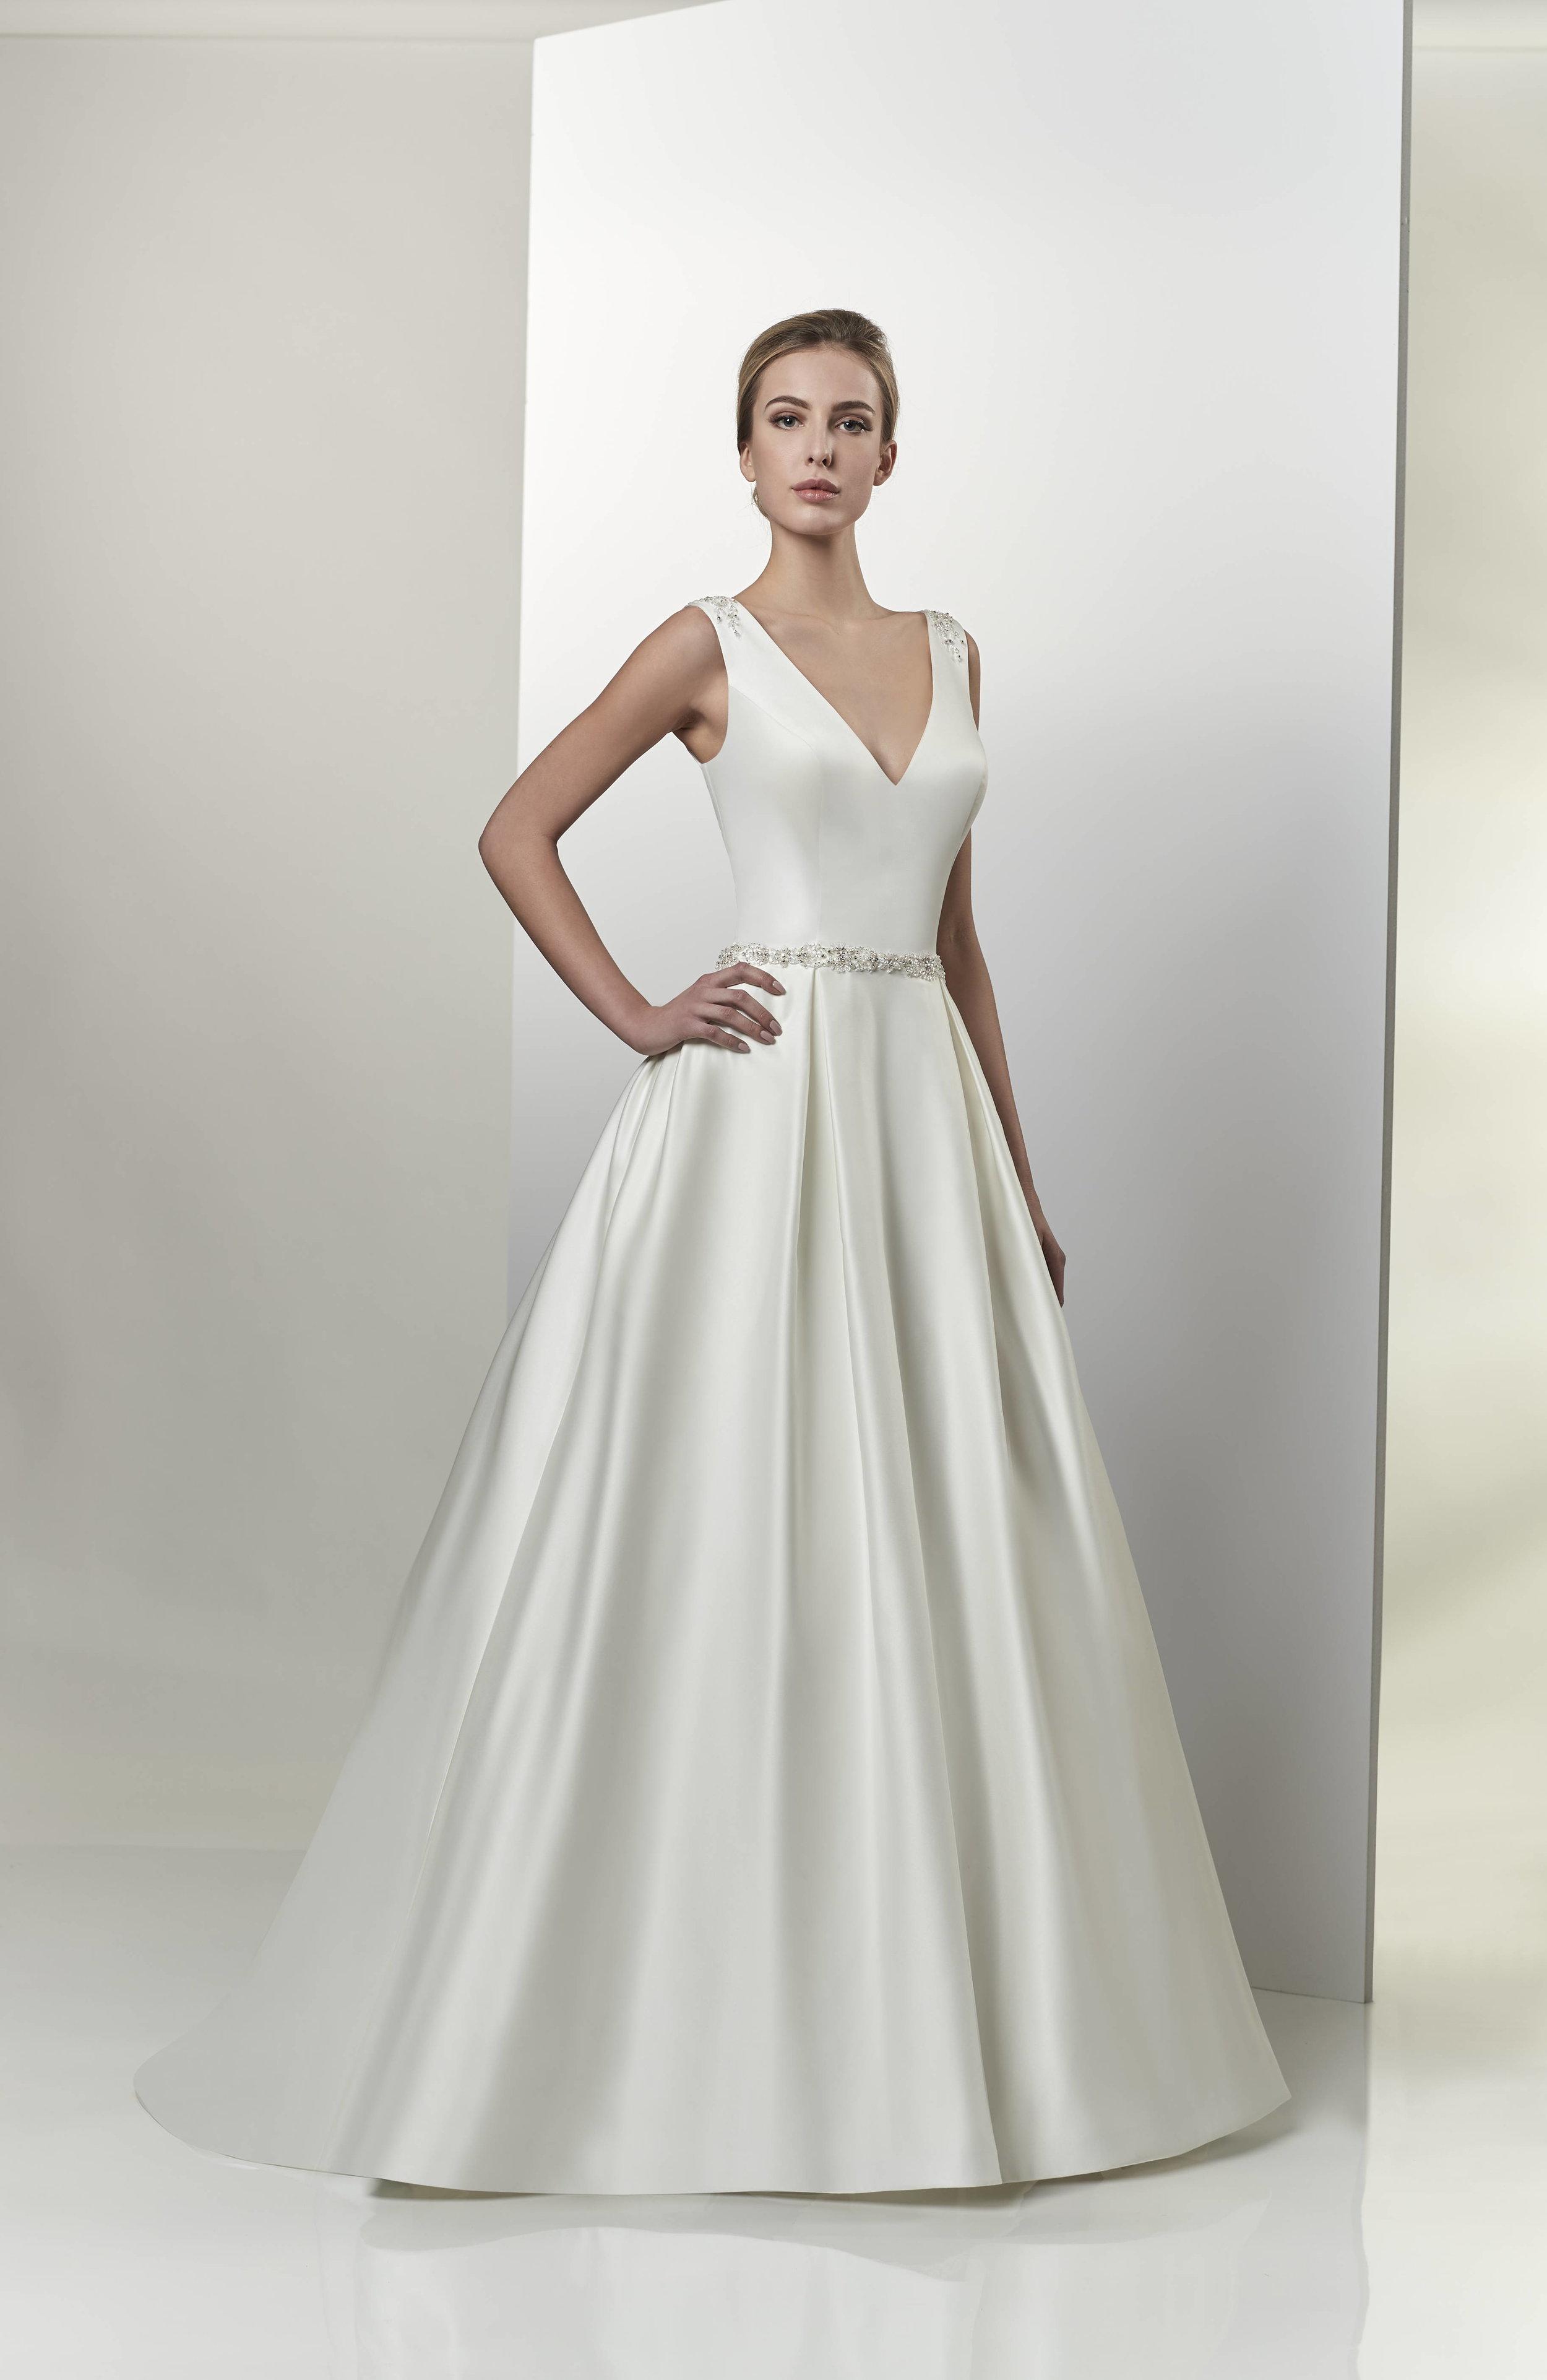 Dress - AT6666